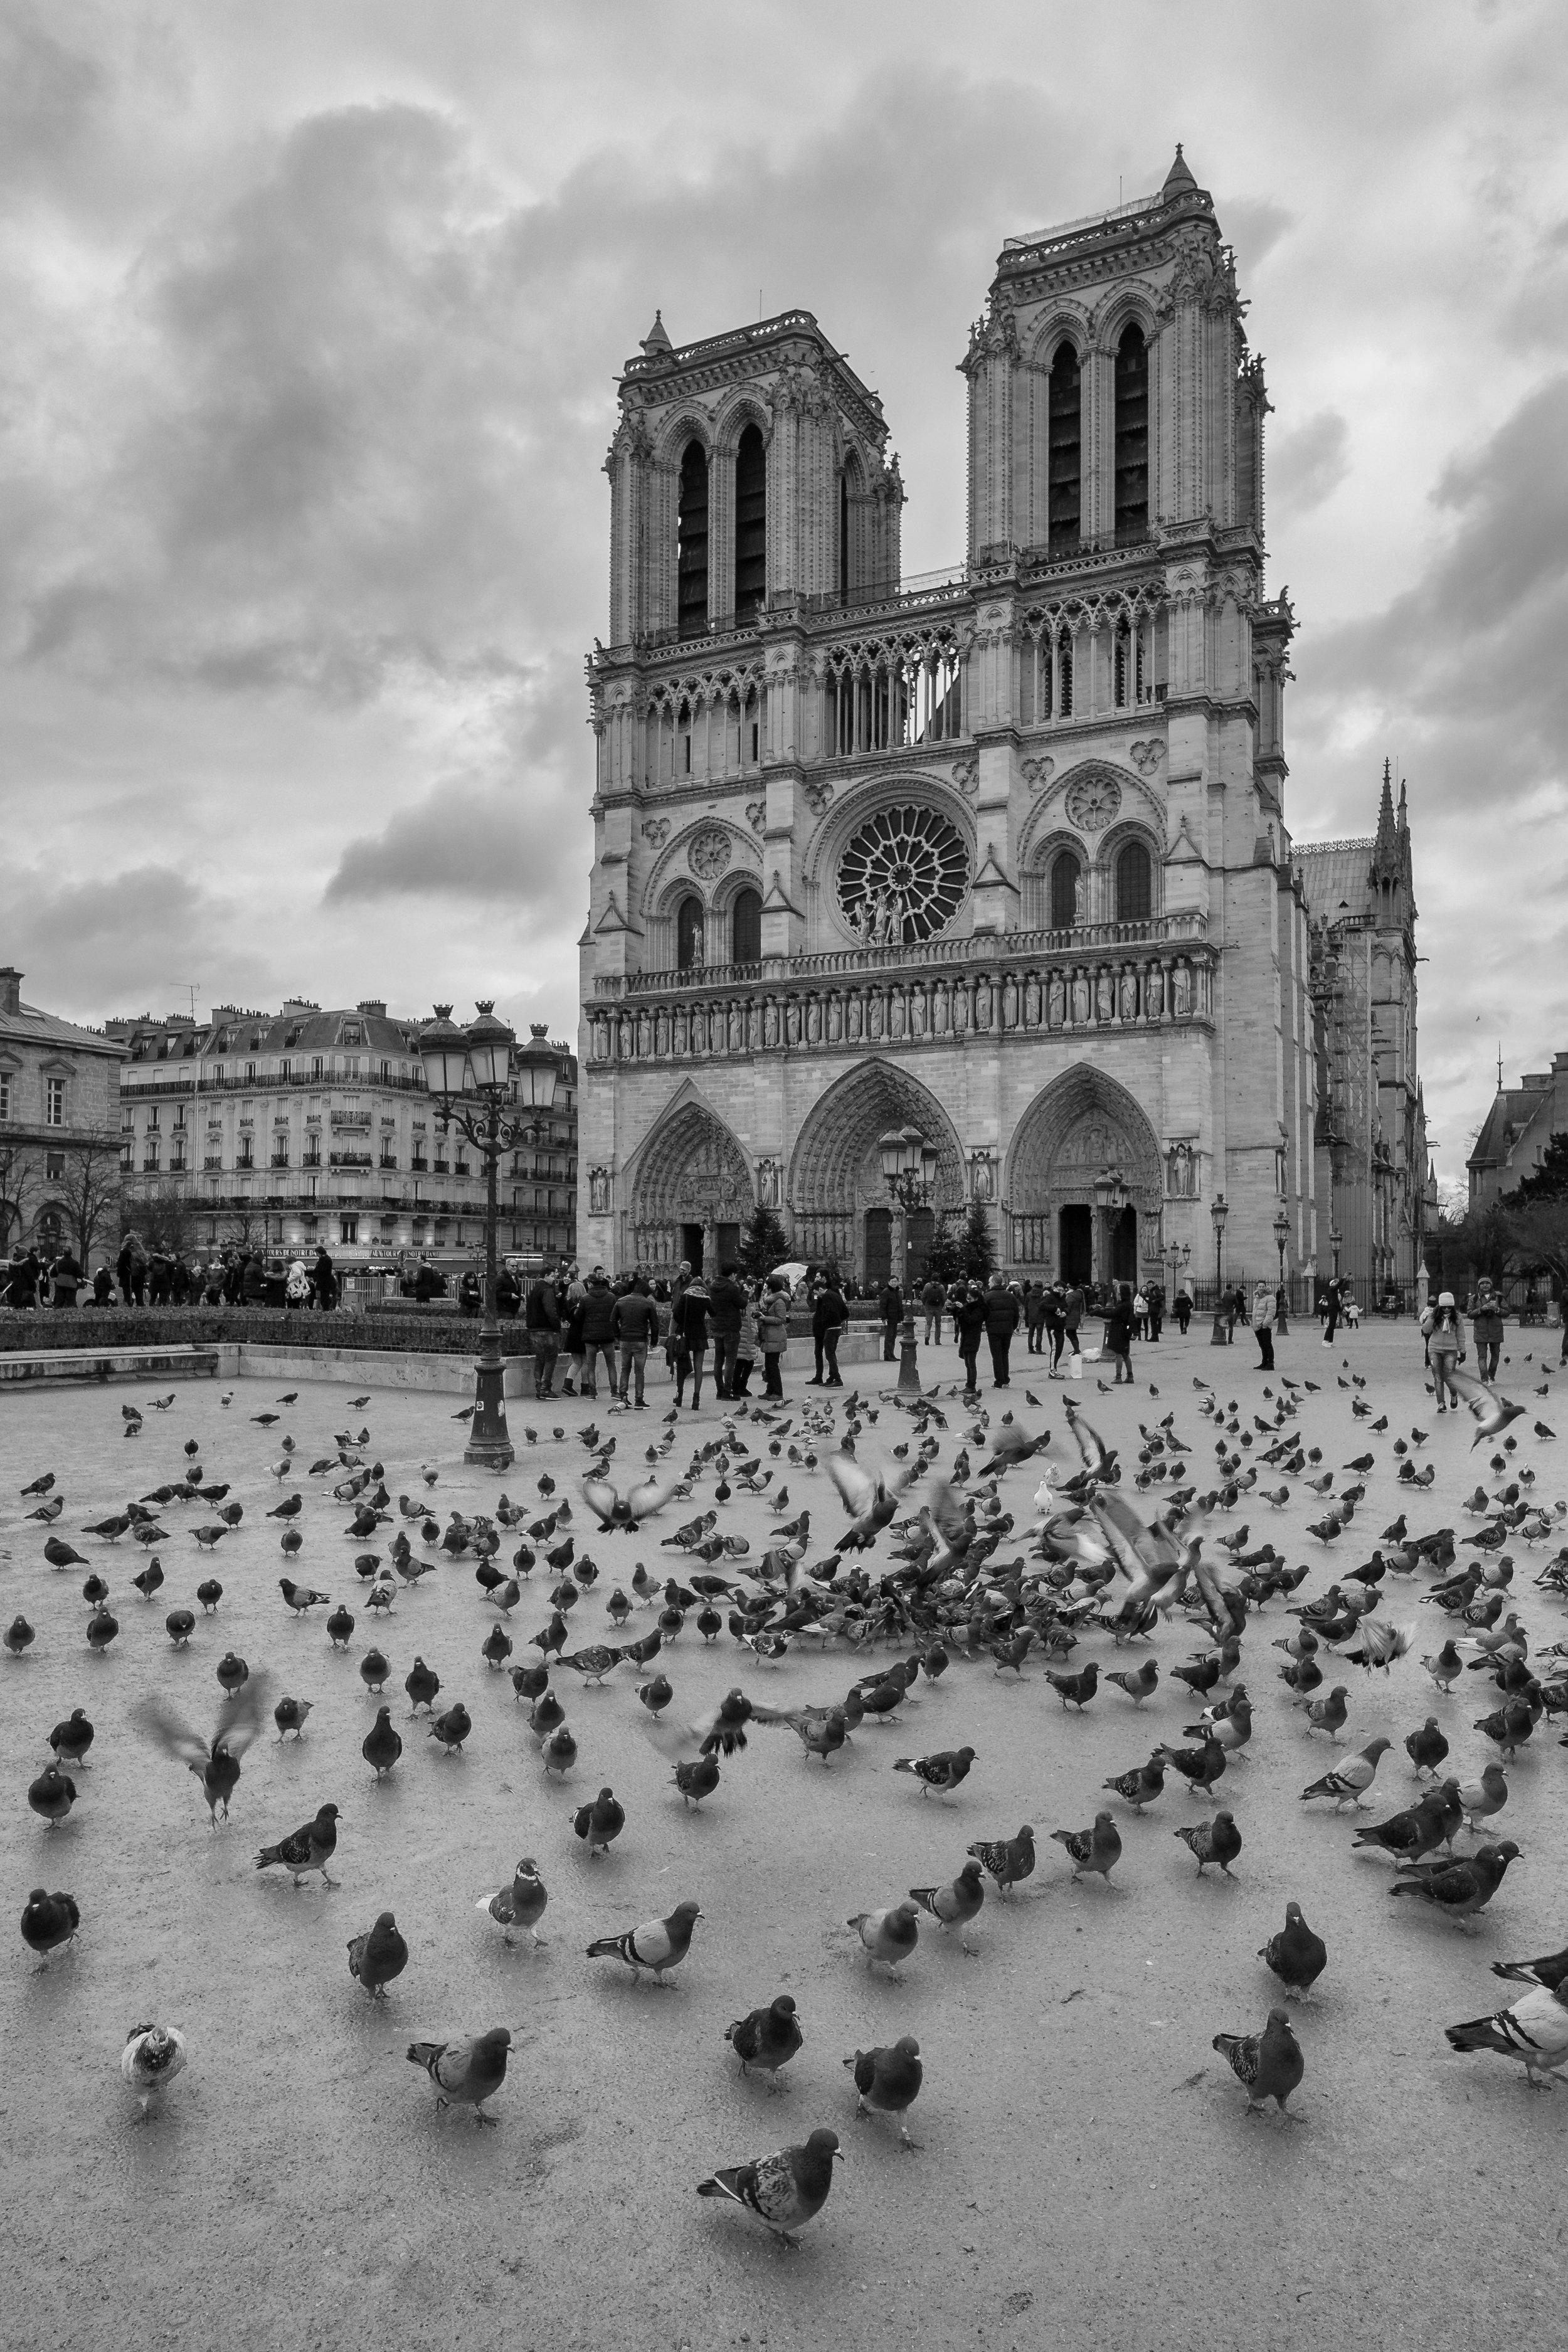 Notre Dame, Paris. January, 2017